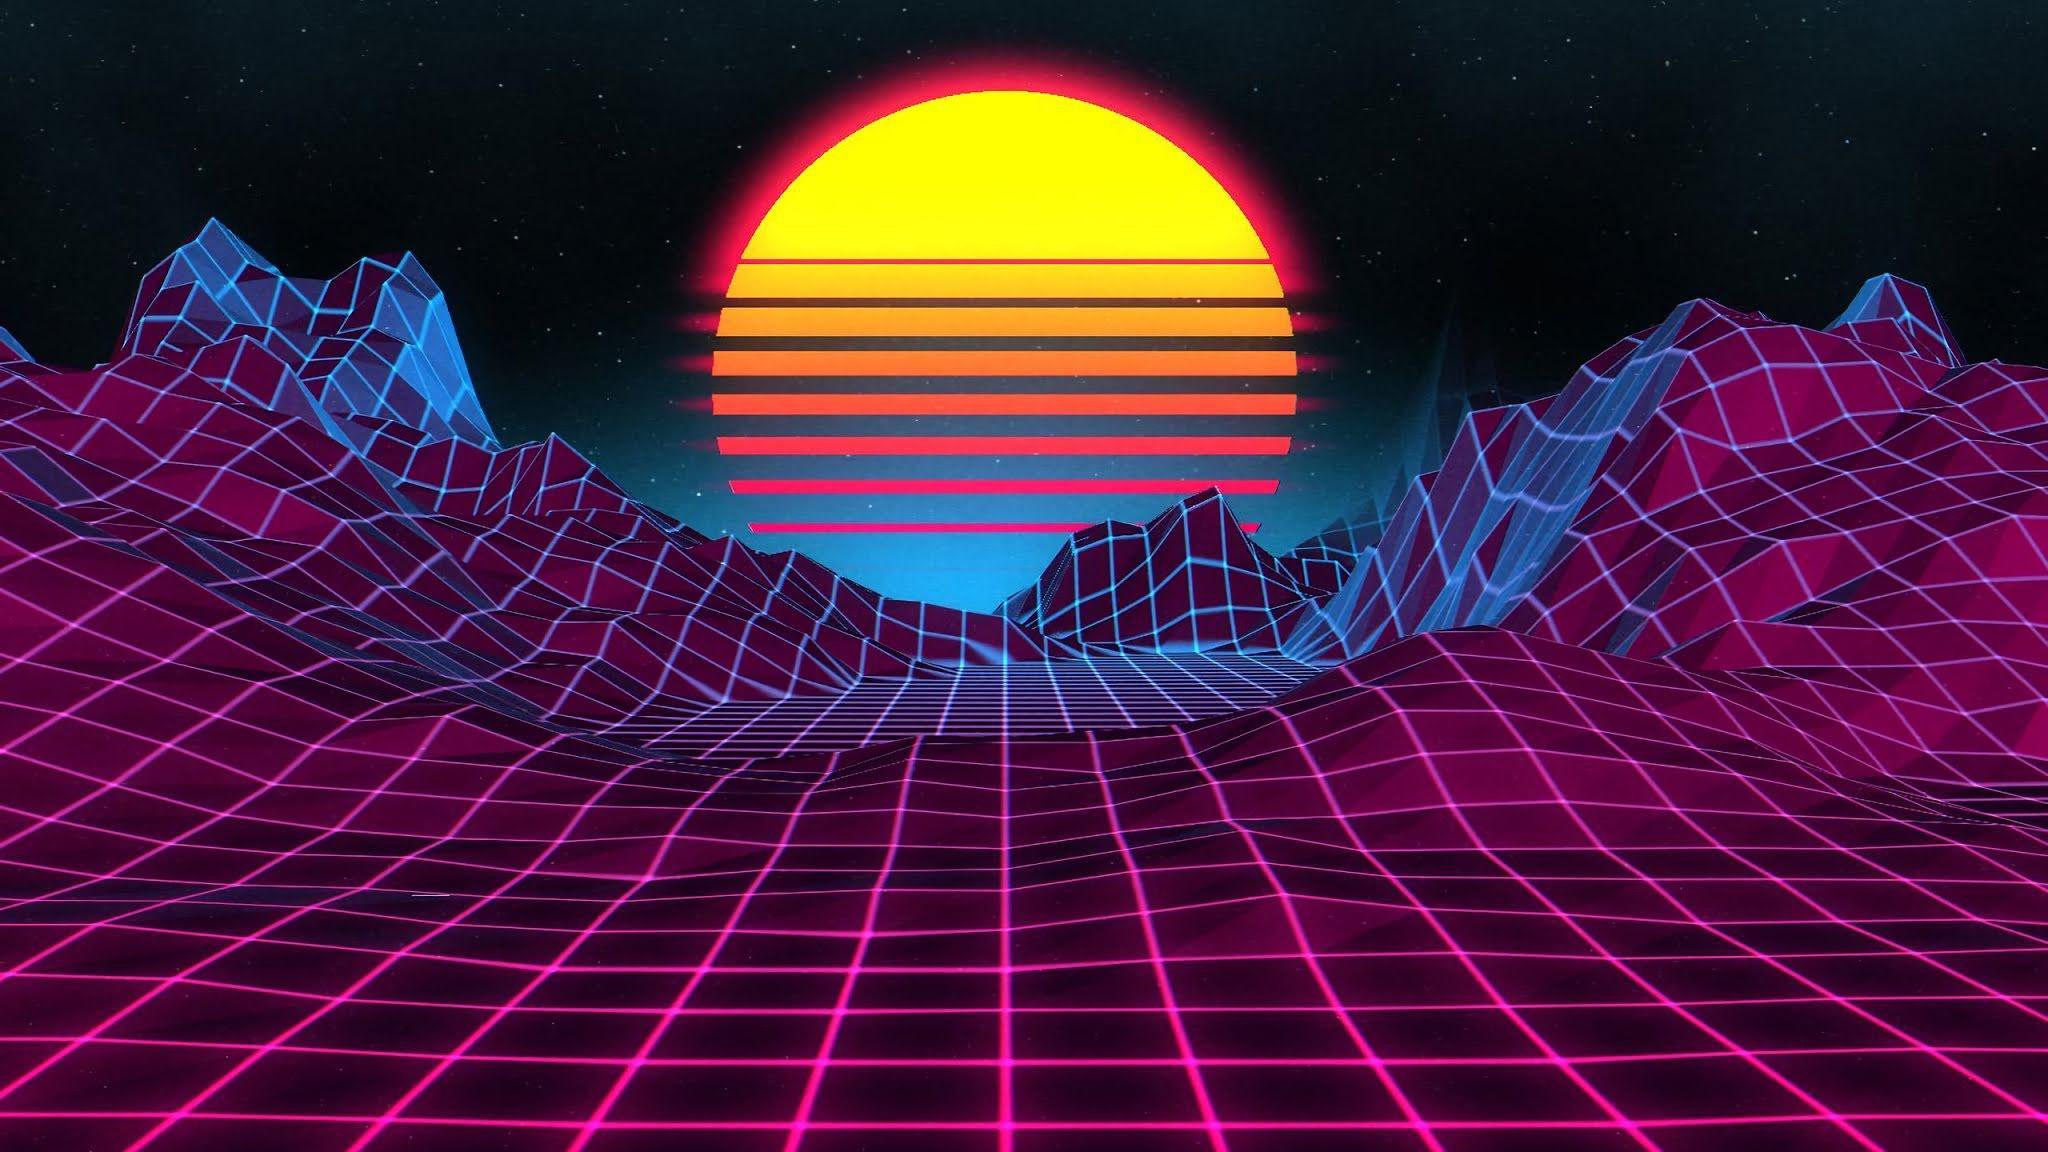 2048x1152 Mặt trời mọc cổ điển